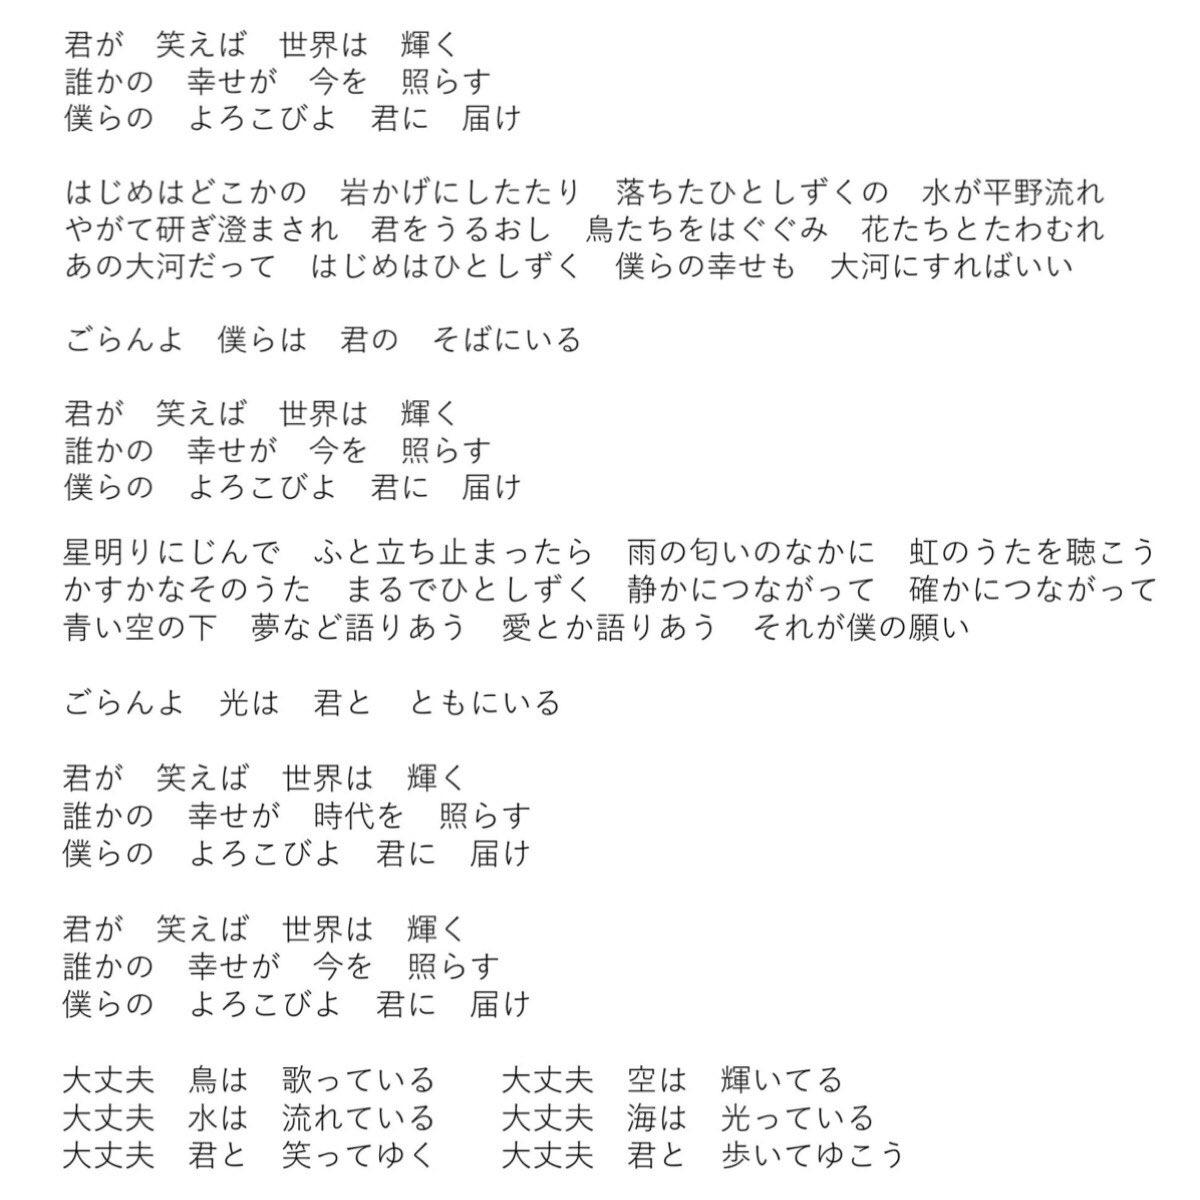 歌詞 奉祝 曲